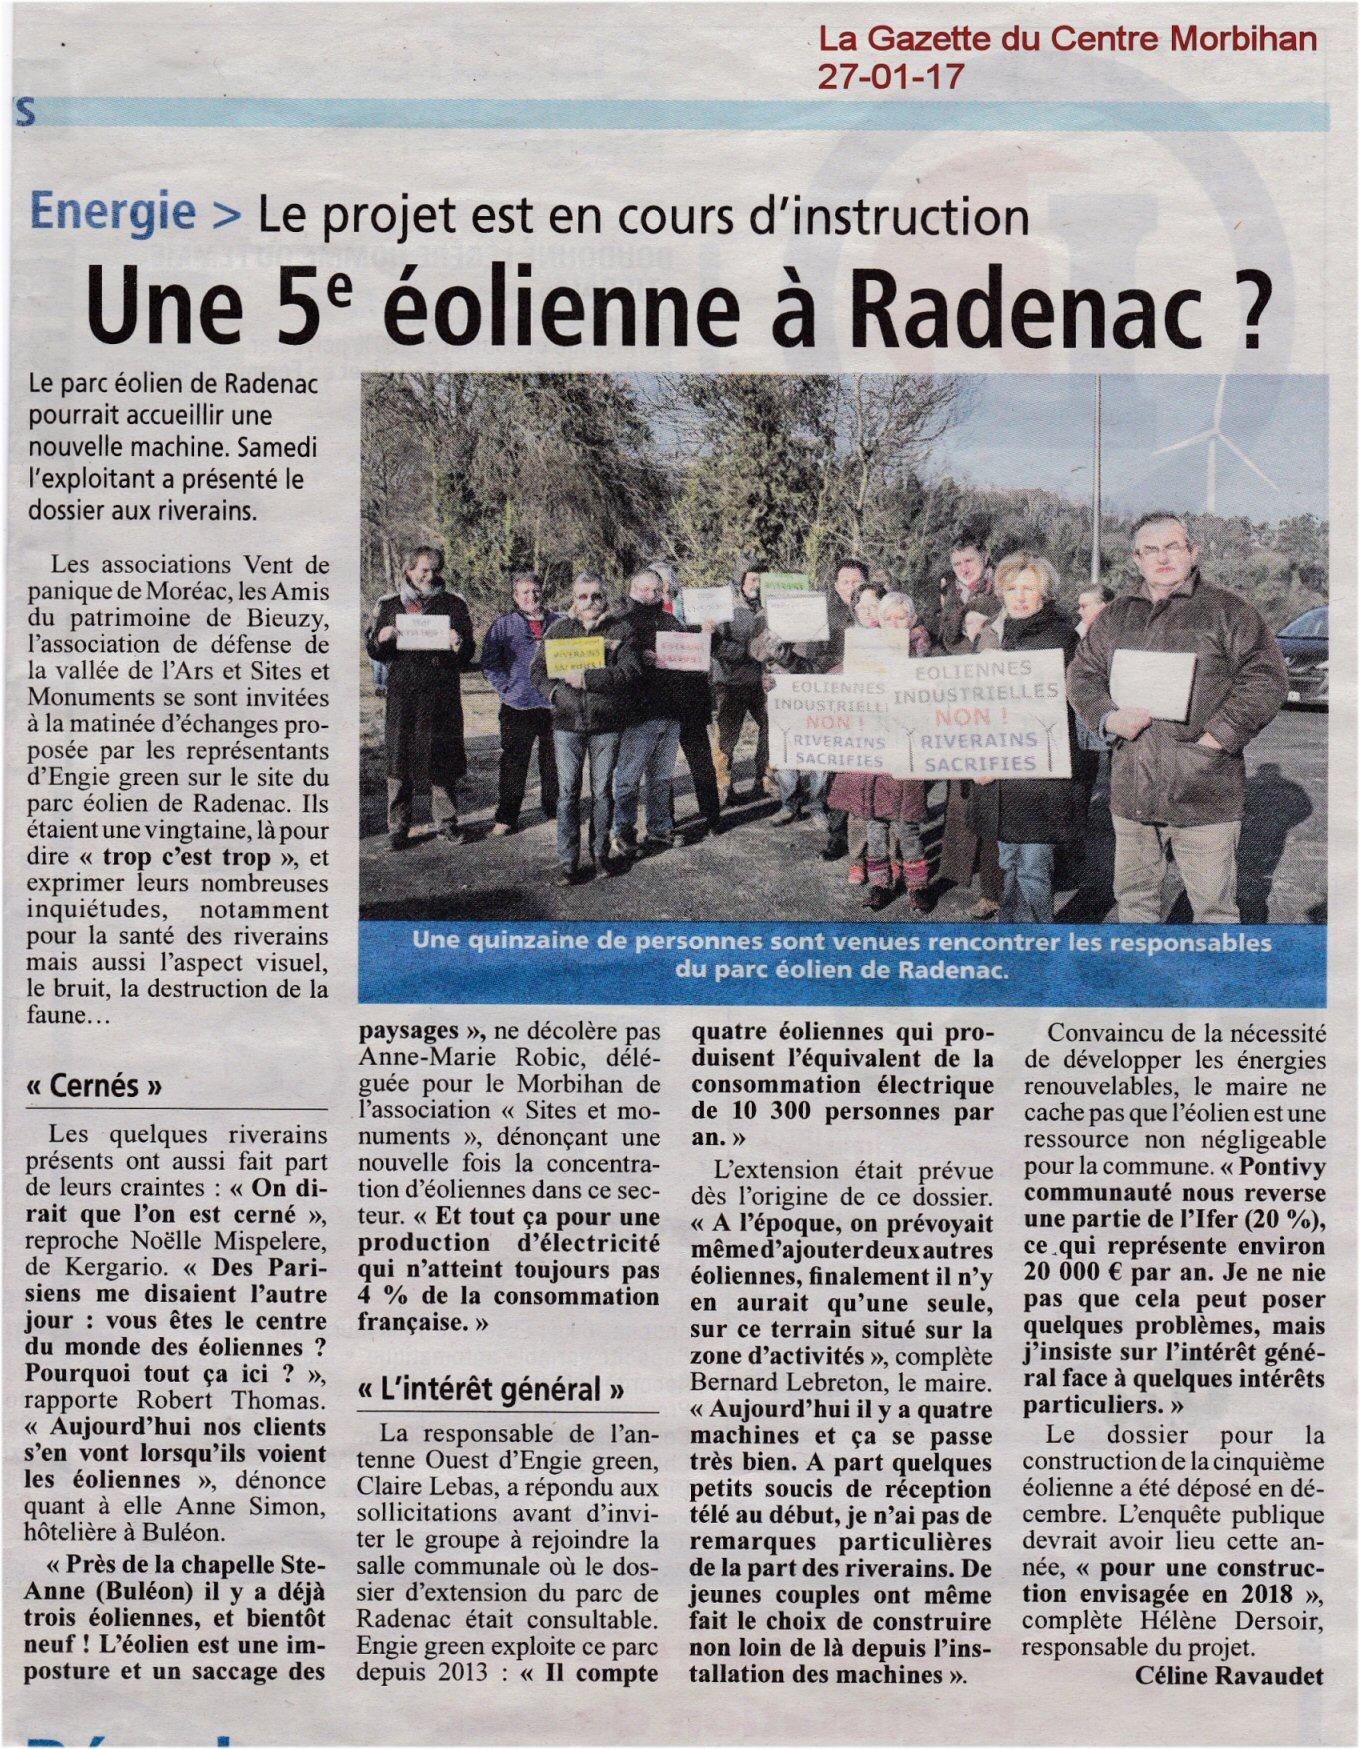 Radenac la gazette 27 01 17 1